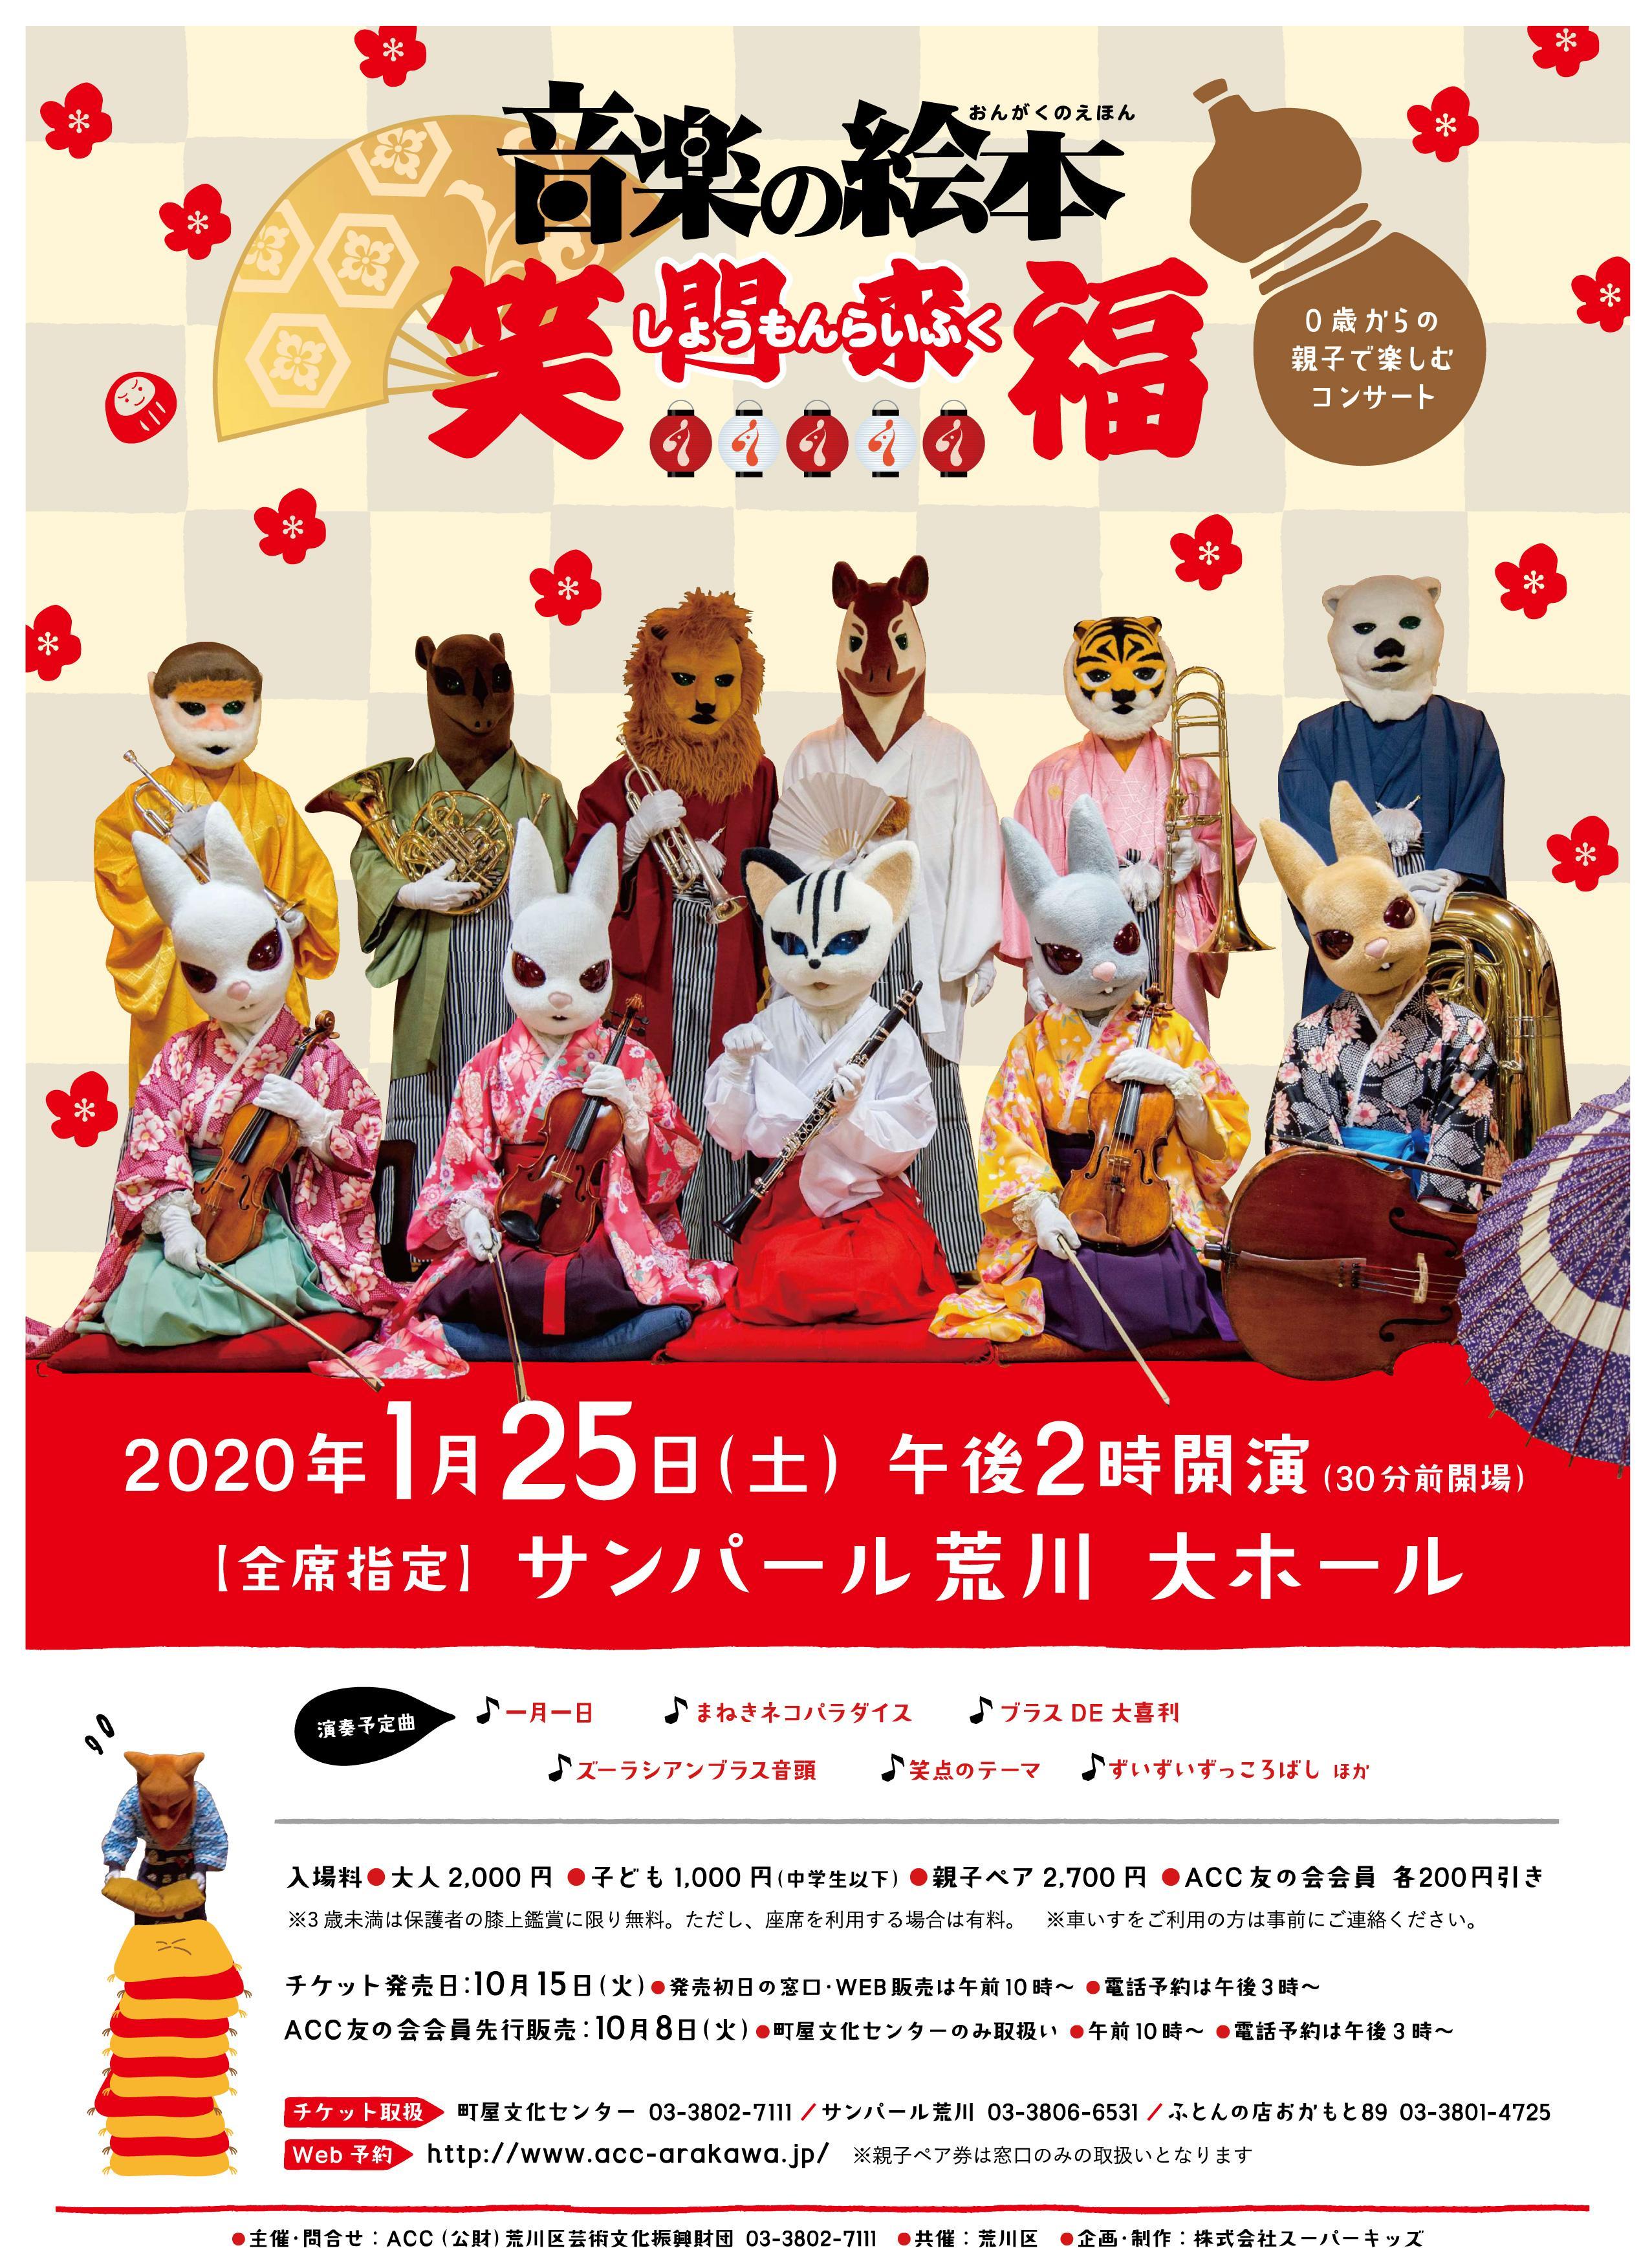 http://www.acc-arakawa.jp/event/2ca5909d27e41b6d9045c0bd158b1dbc4dc3f91b.jpg